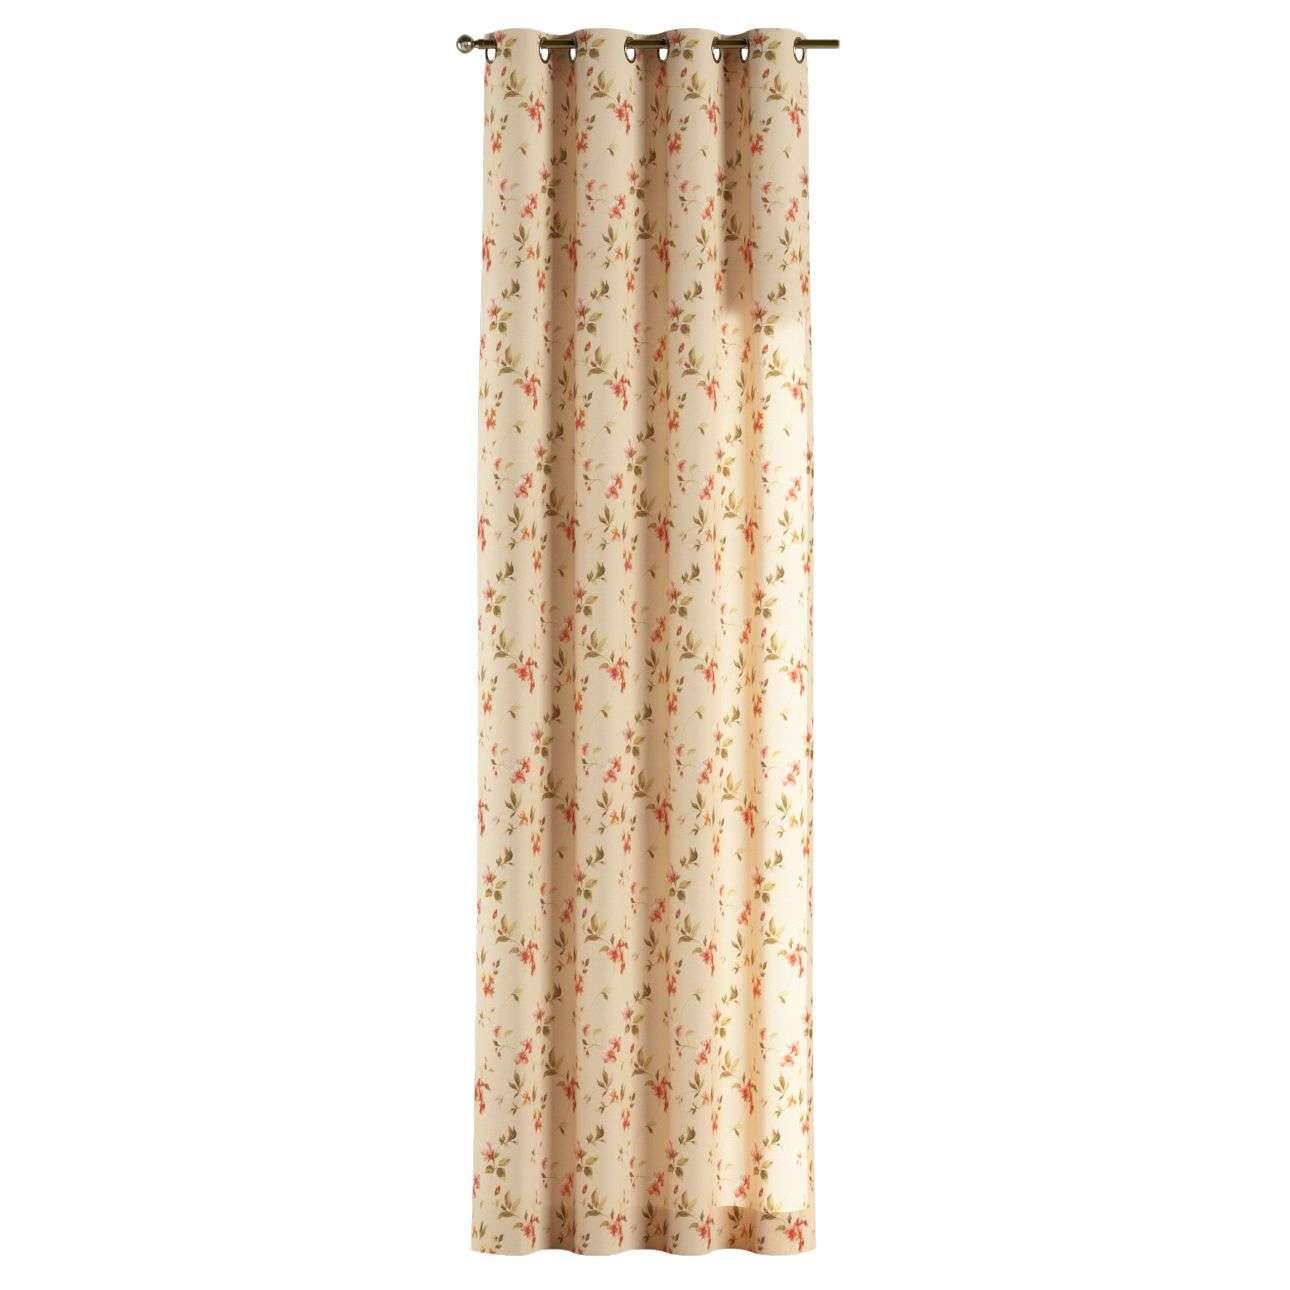 Gardin med öljetter 1 längd 130 x 260 cm i kollektionen Londres, Tyg: 124-05